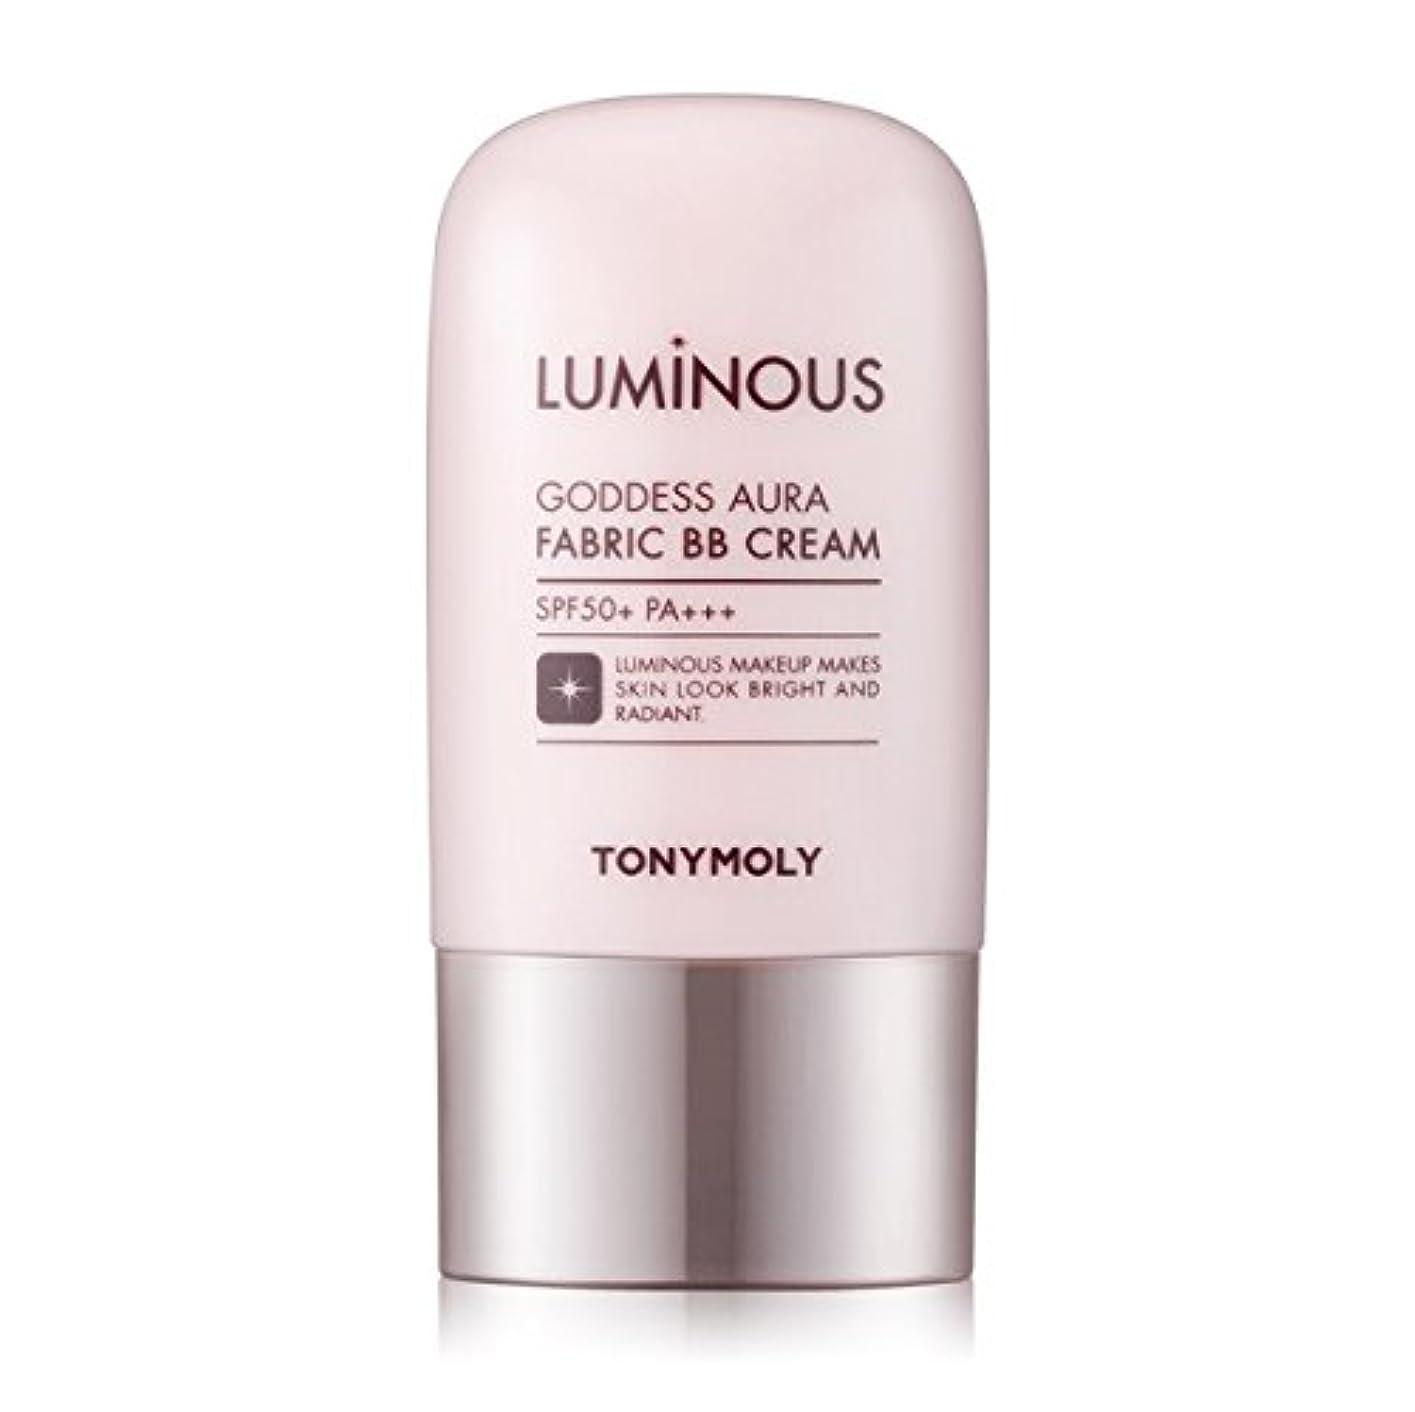 家畜順番タワーTONYMOLY Luminous Goddess Aura Fabric BB Cream (01 Skin Beige) / トニーモリー ルミナス女神光彩ファブリックBBクリーム 40g [並行輸入品]